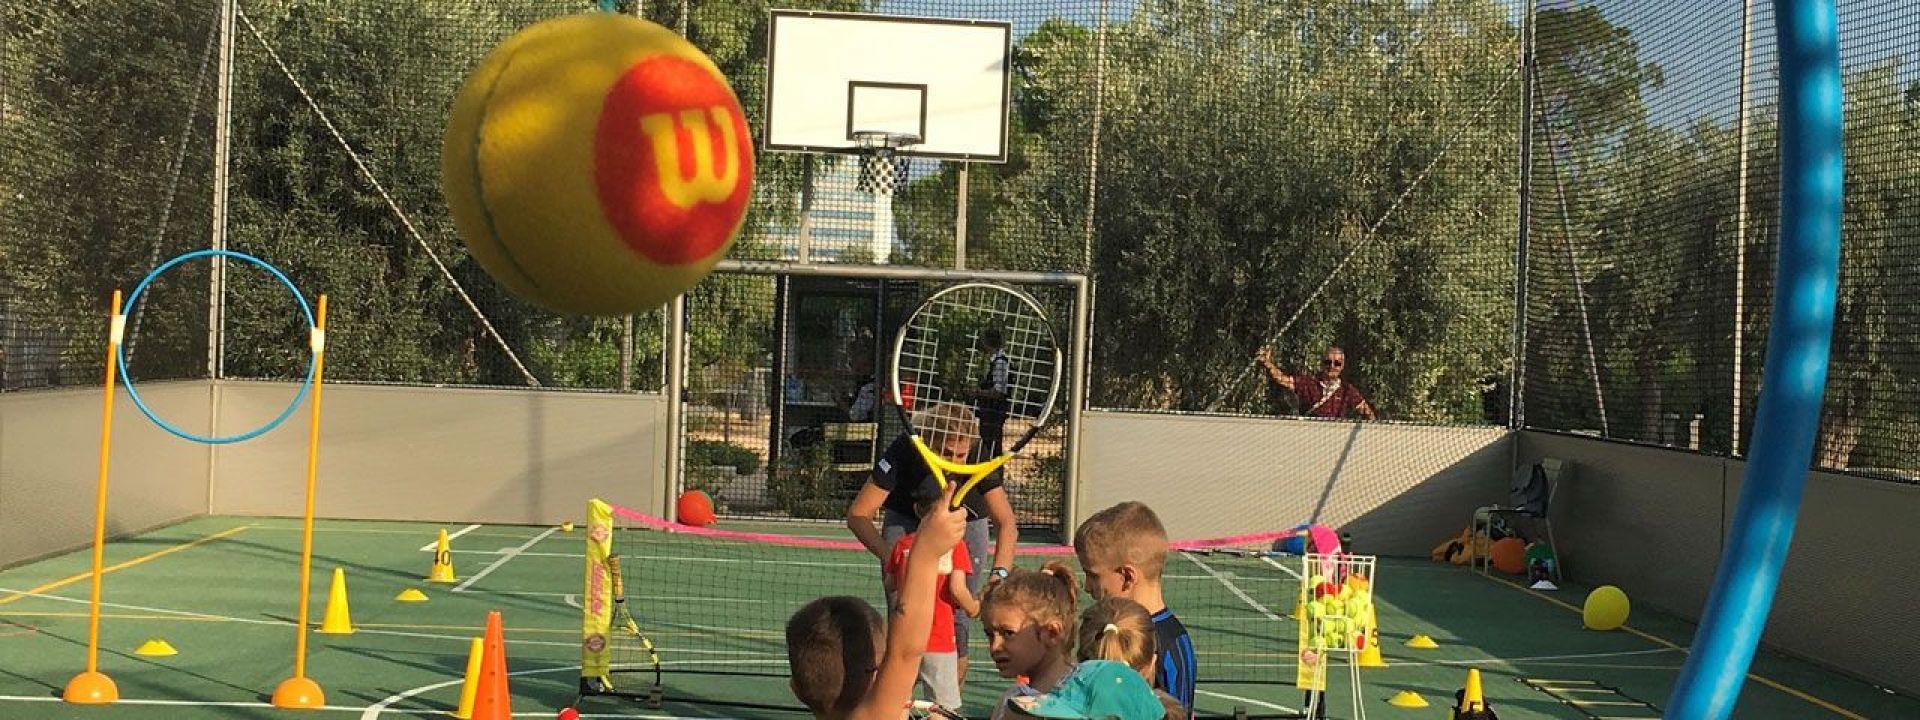 Φωτογραφία που απεικονίζει παιδιά να παίζουν Mini Tennis